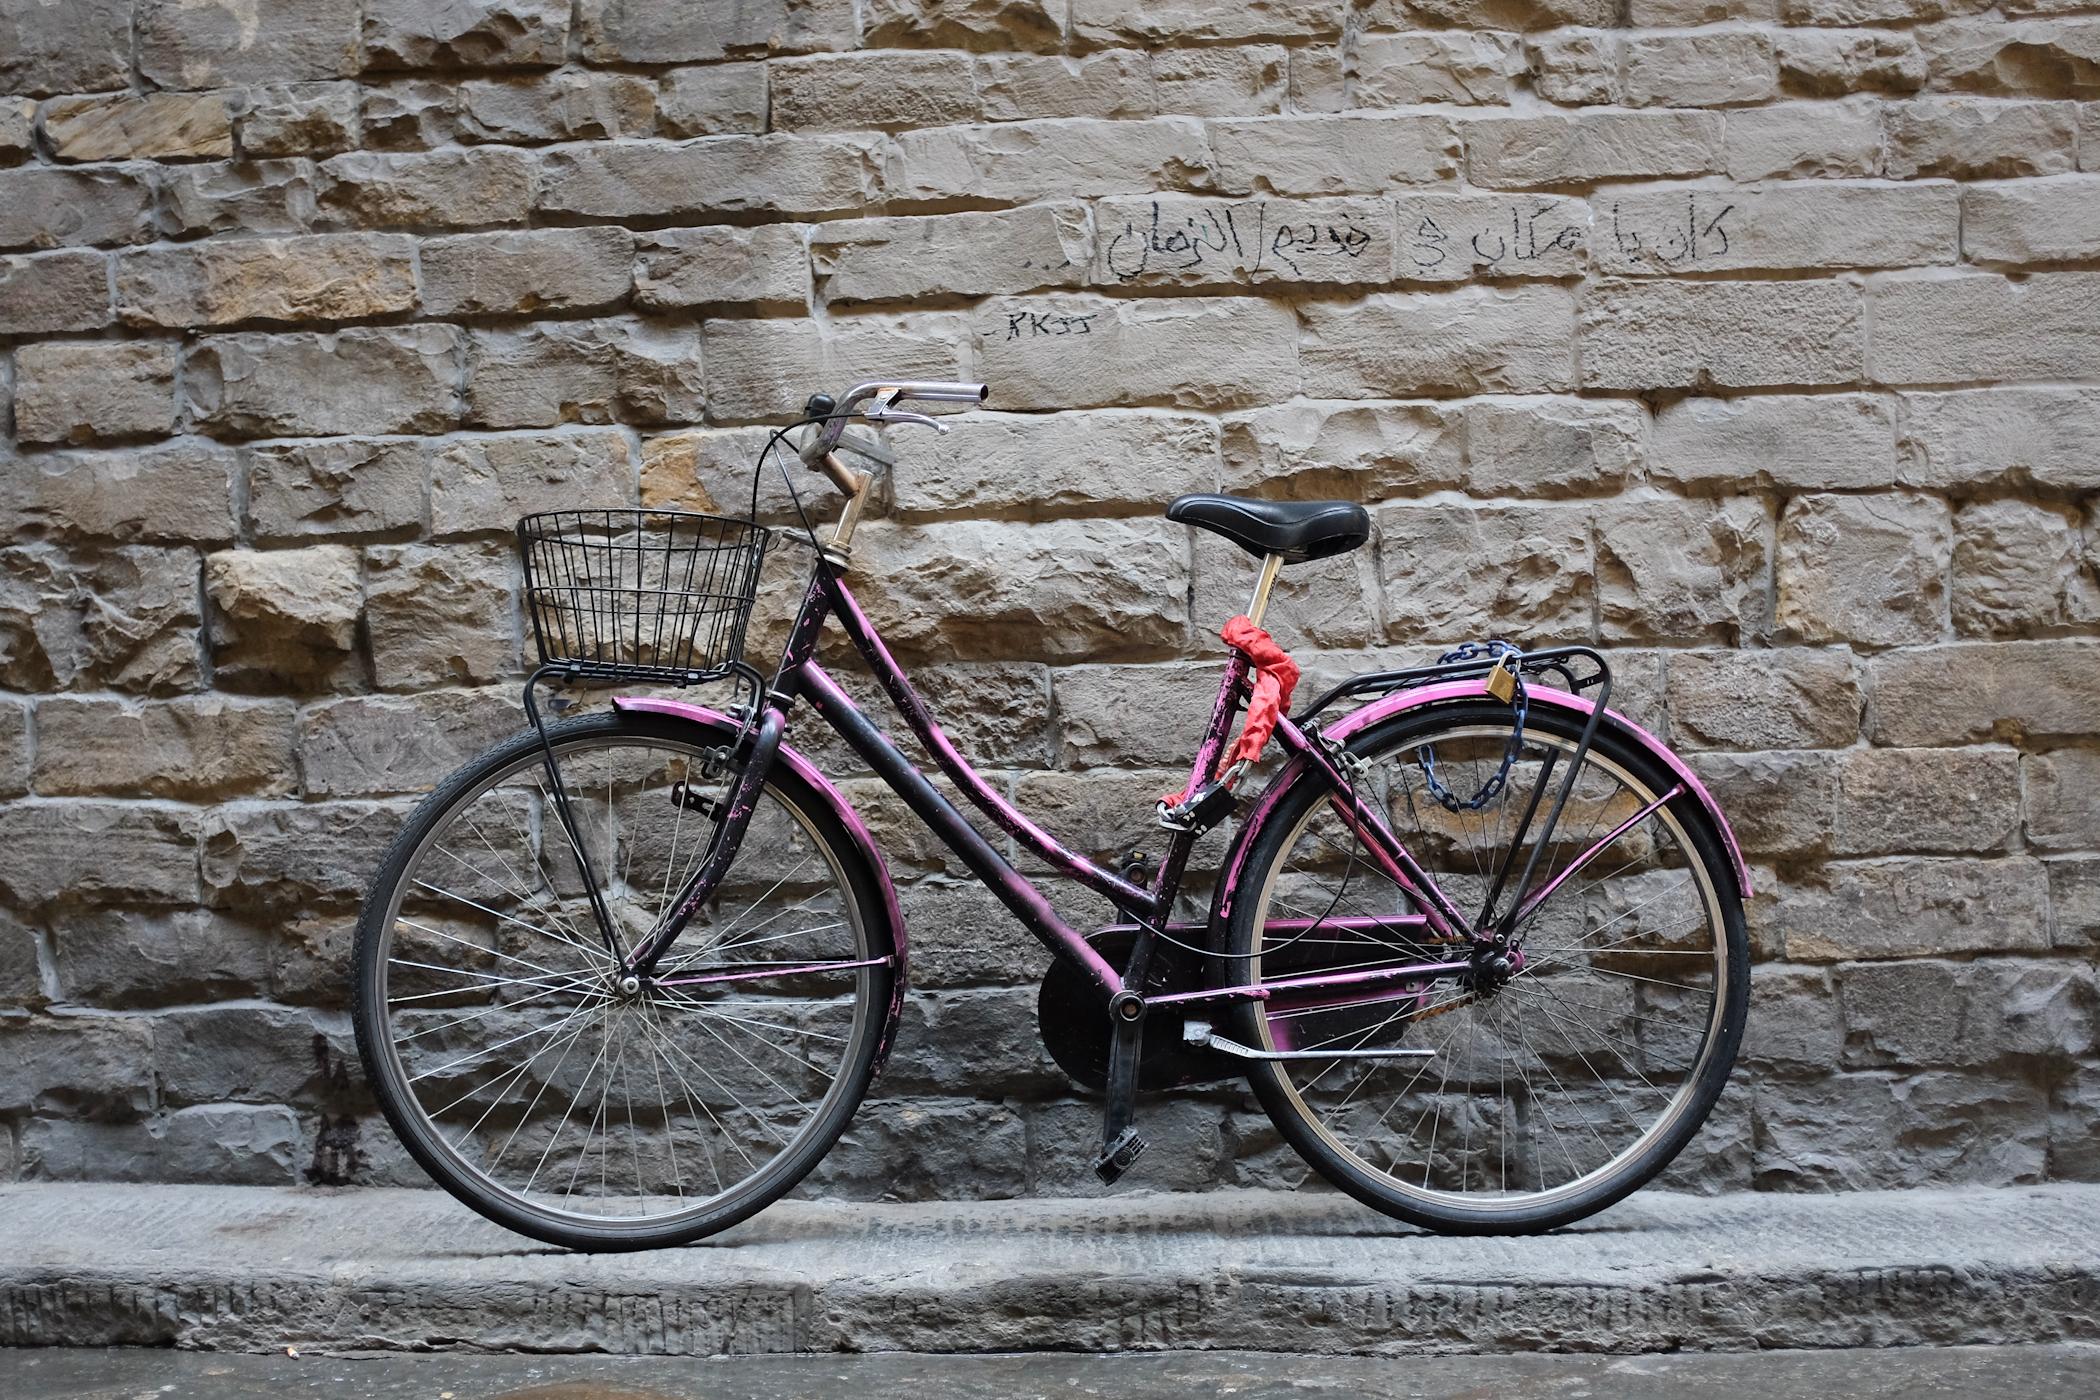 palermo bicicletti di firenze jan15-9.jpg